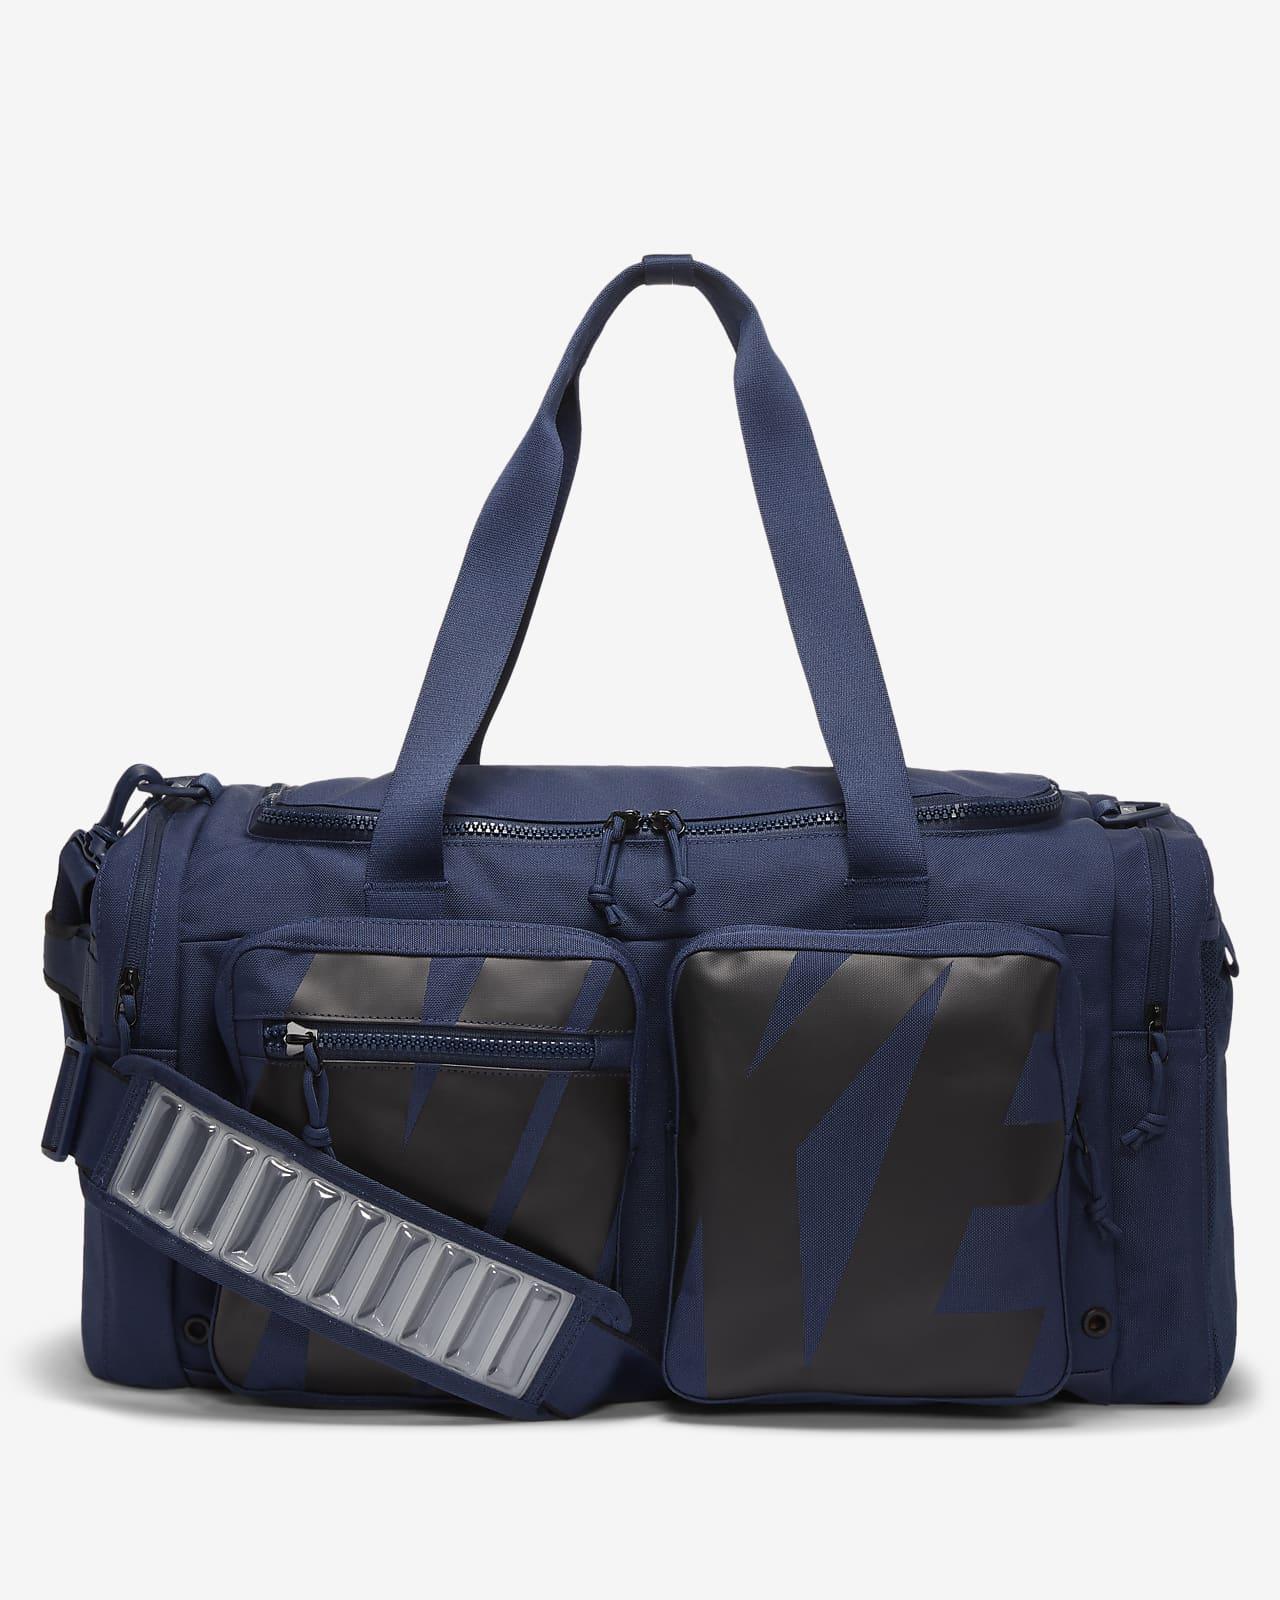 กระเป๋า Duffel เทรนนิ่งมีกราฟิก Nike Utility Power